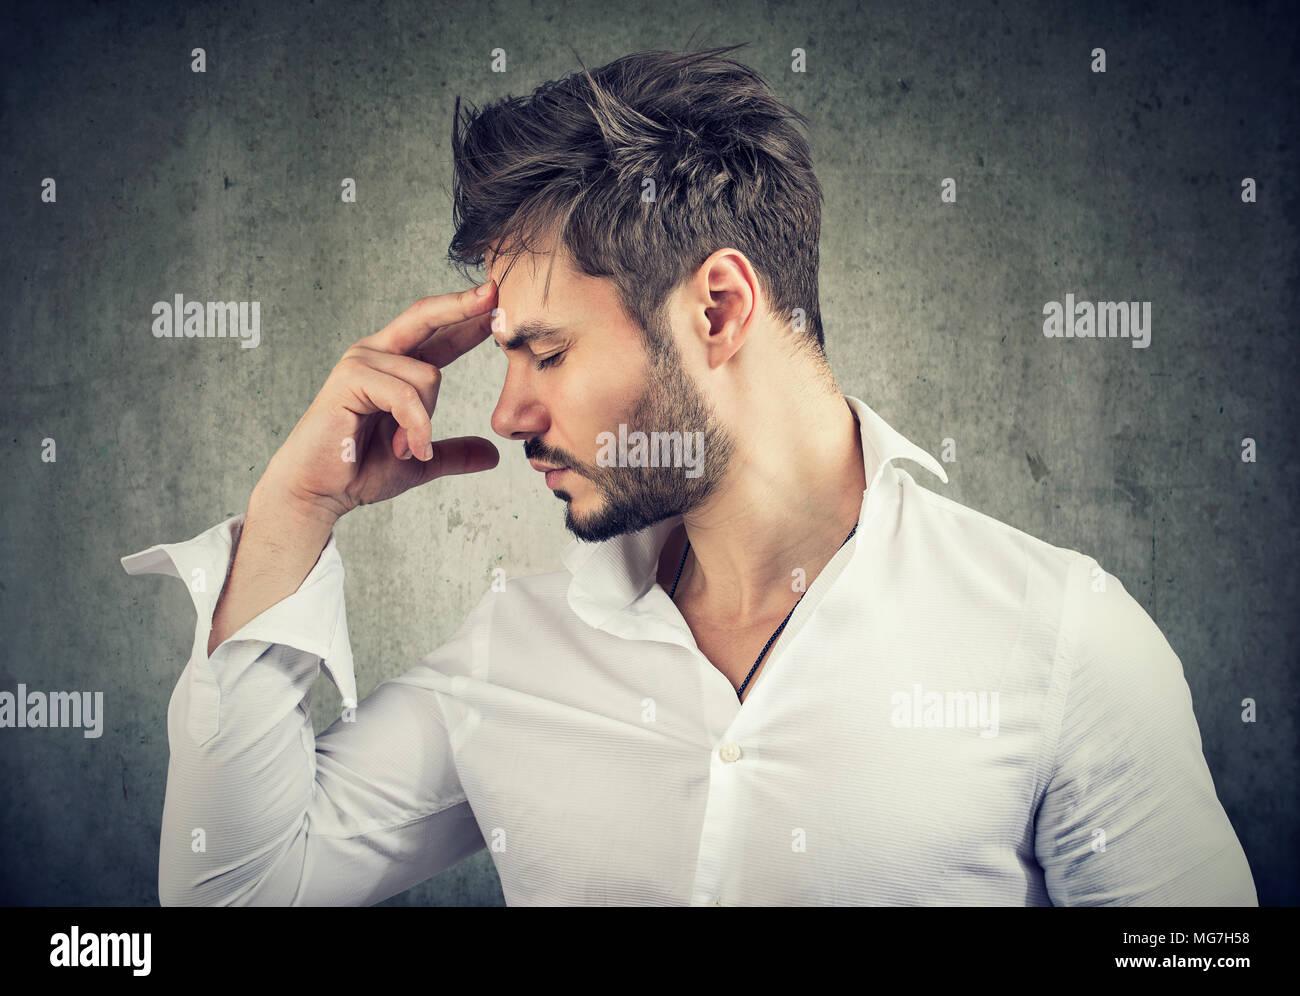 Hombre que toca formal frente pensando profundamente y buscando soluciones. Imagen De Stock